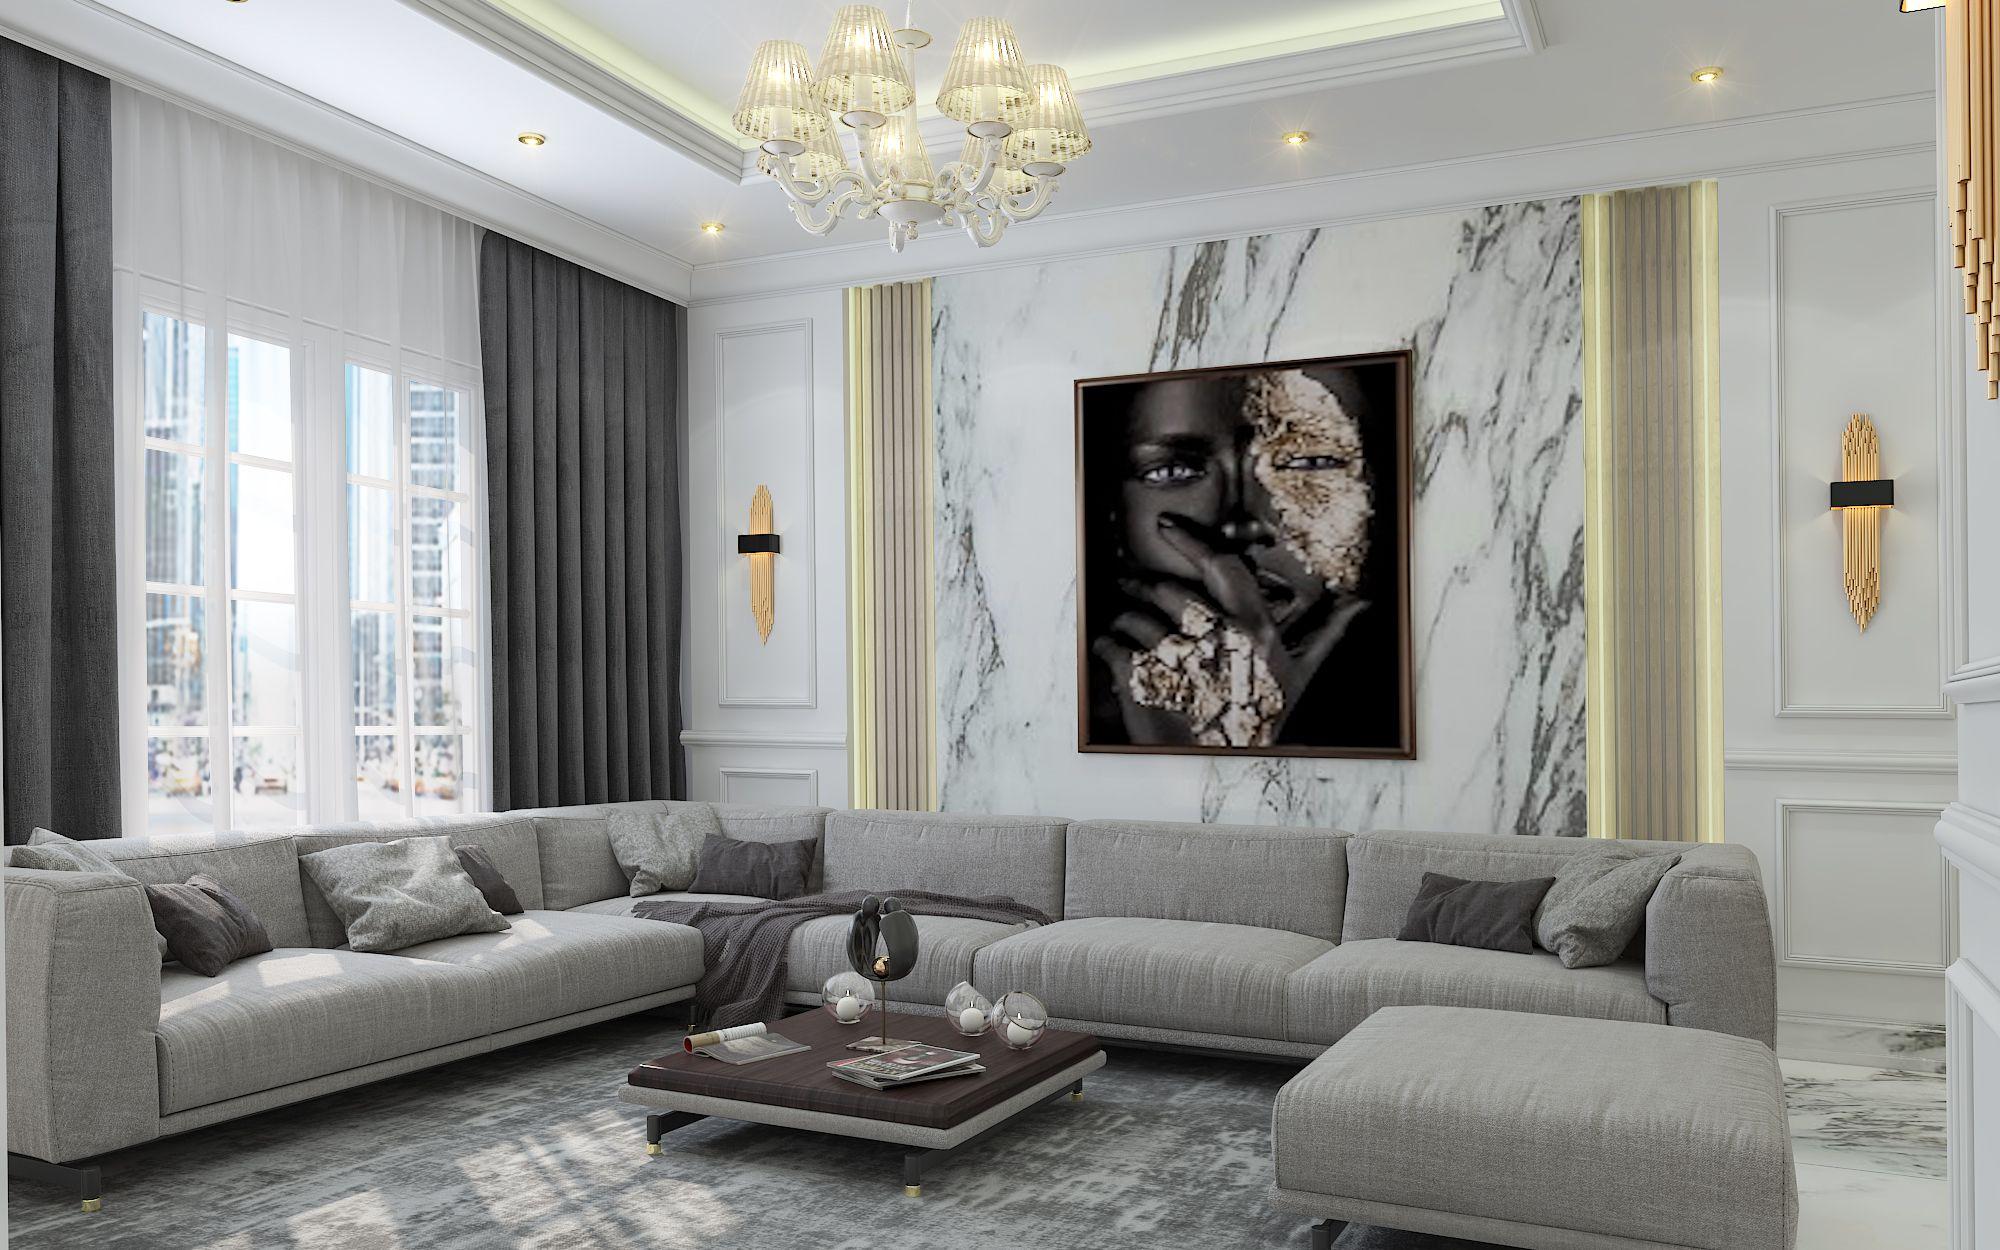 تصميم ديكور فلل سابك المطرفية Home Decor Interior Design Home